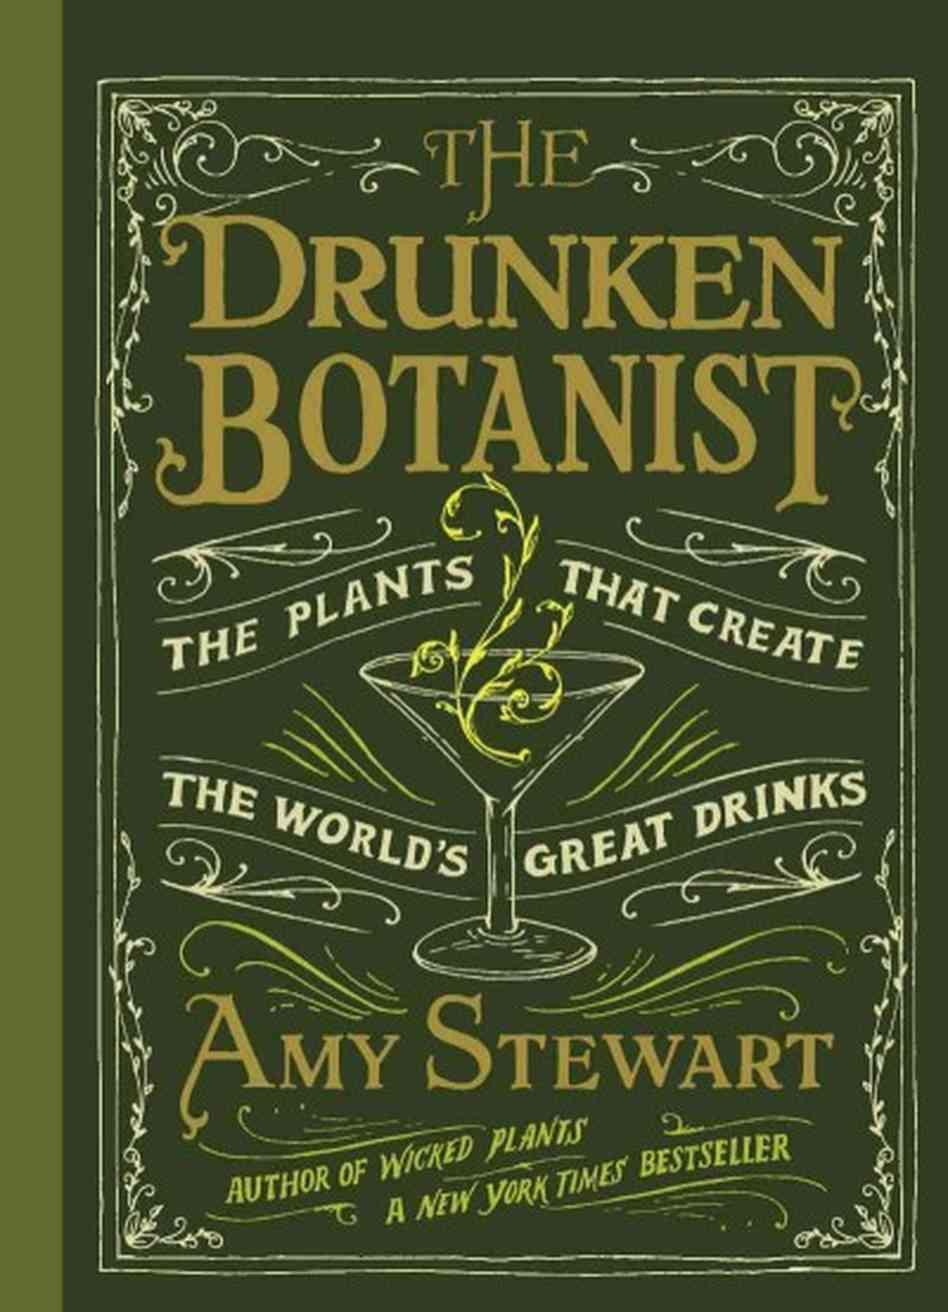 2013 Drinkhacker's Best Books Guide - Drinkhacker